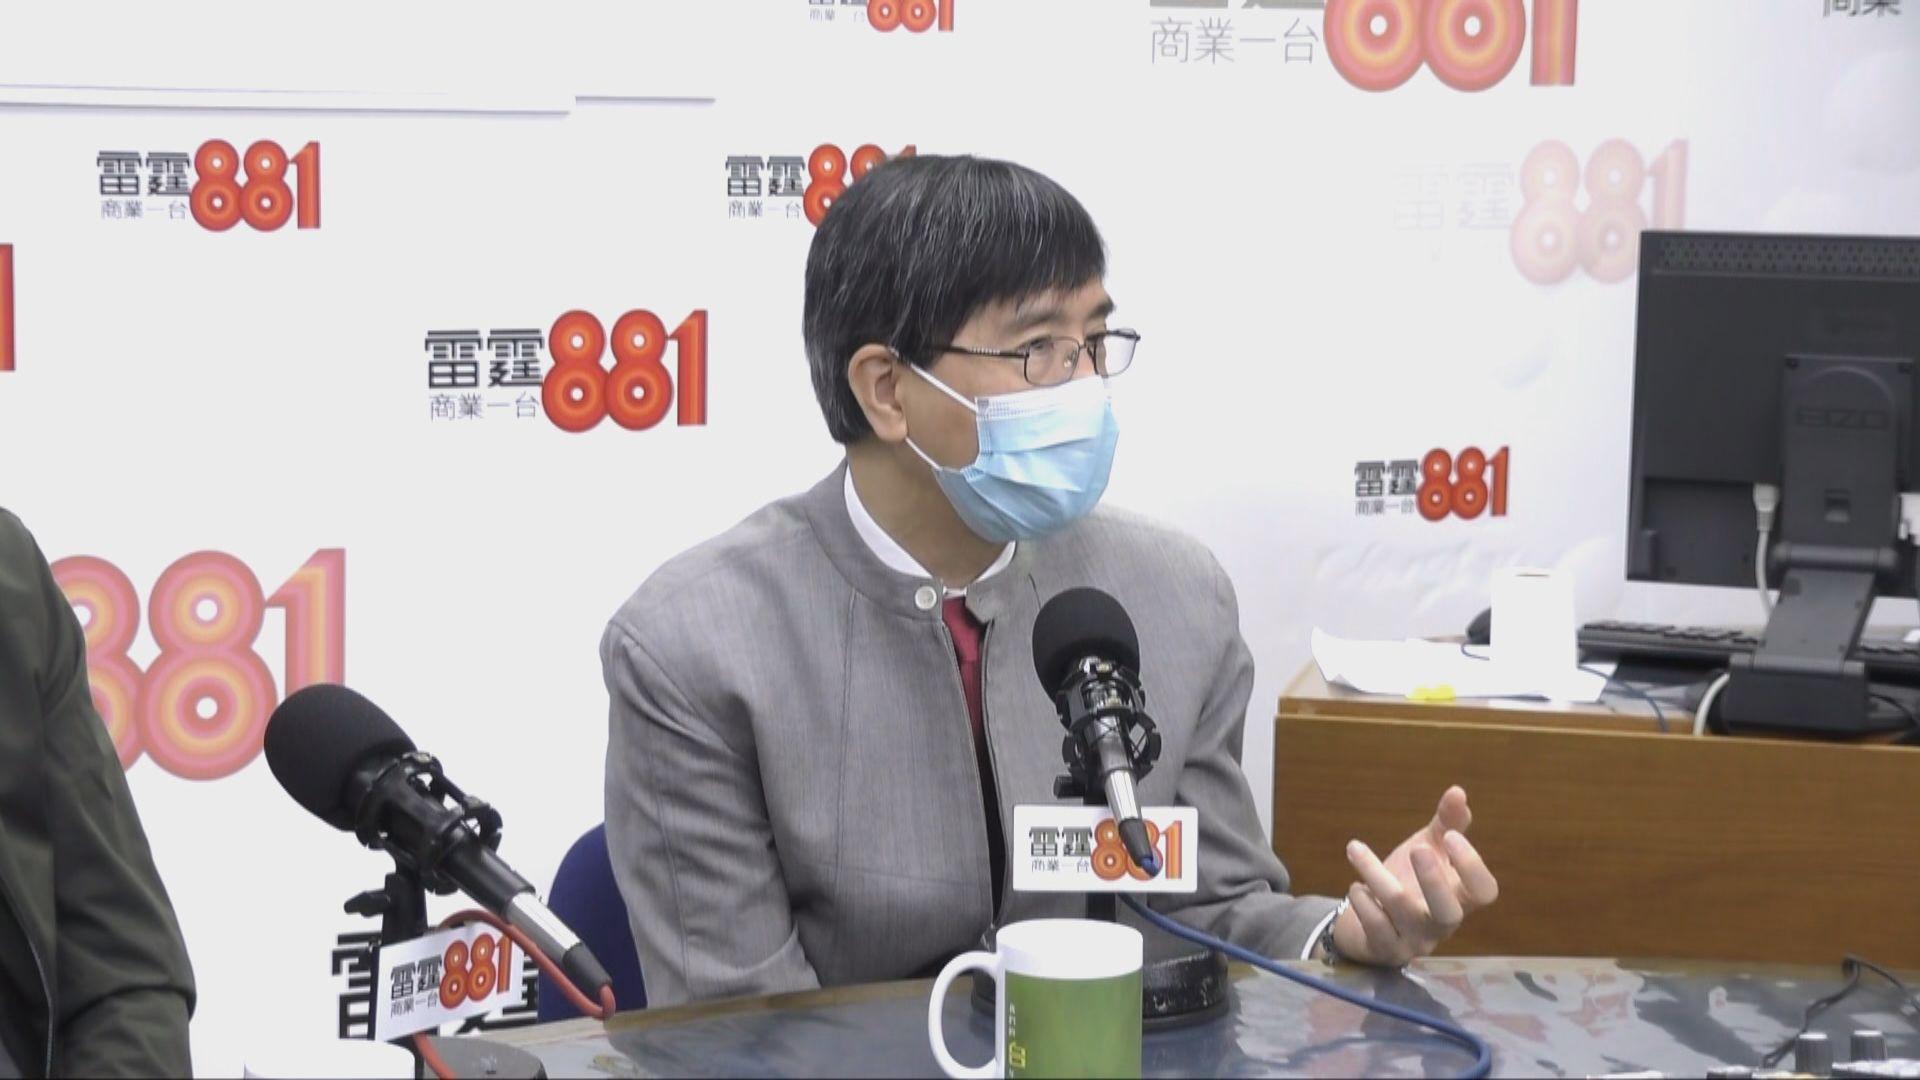 袁國勇:市民抗疫意識始鬆懈 政府應加大抽驗病毒數量